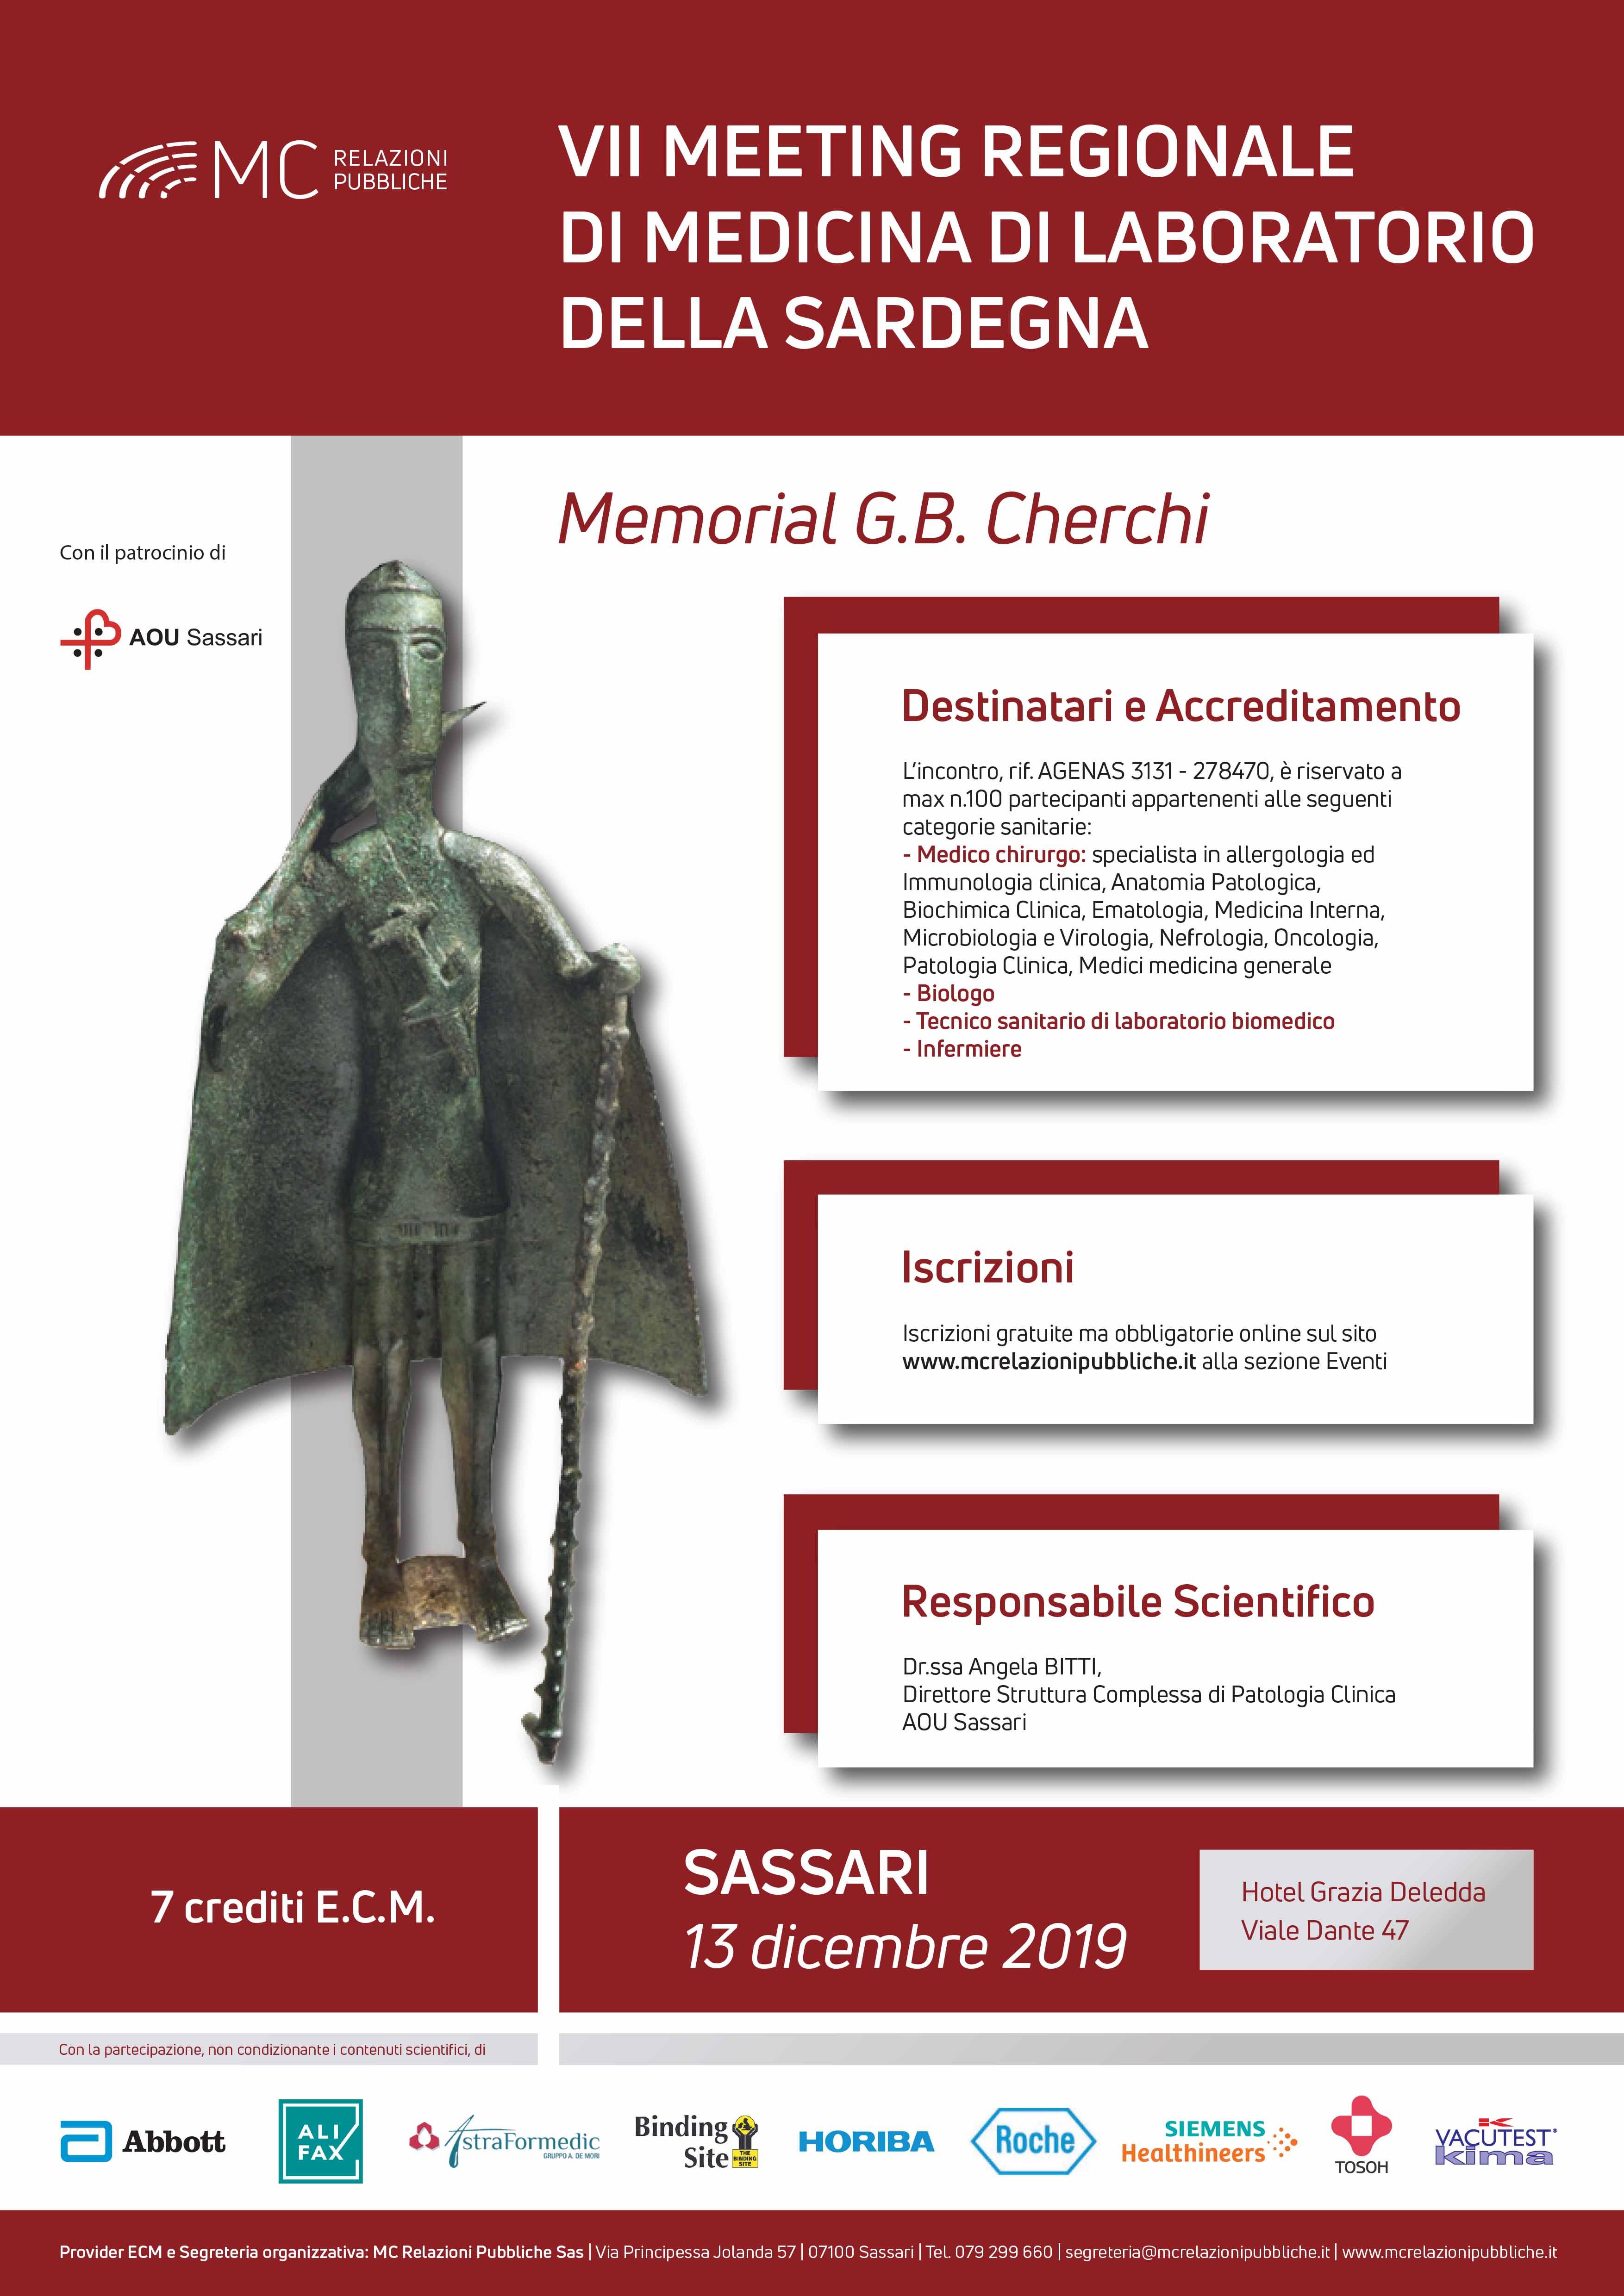 VII MEETING REGIONALE DI MEDICINA DI LABORATORIO DELLA SARDEGNA  MEMORIAL G.B. CHERCHI